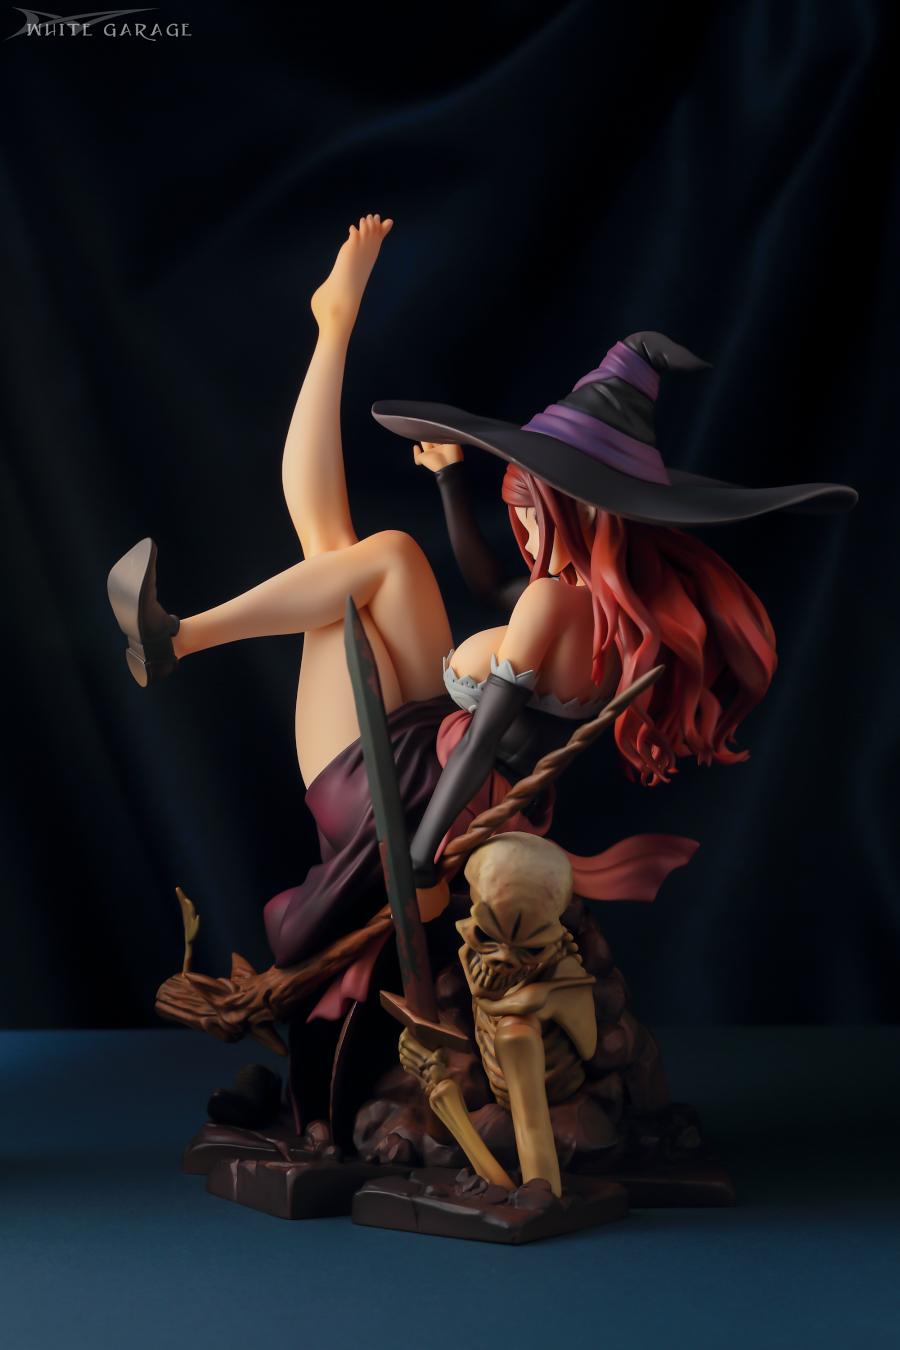 sorceress013